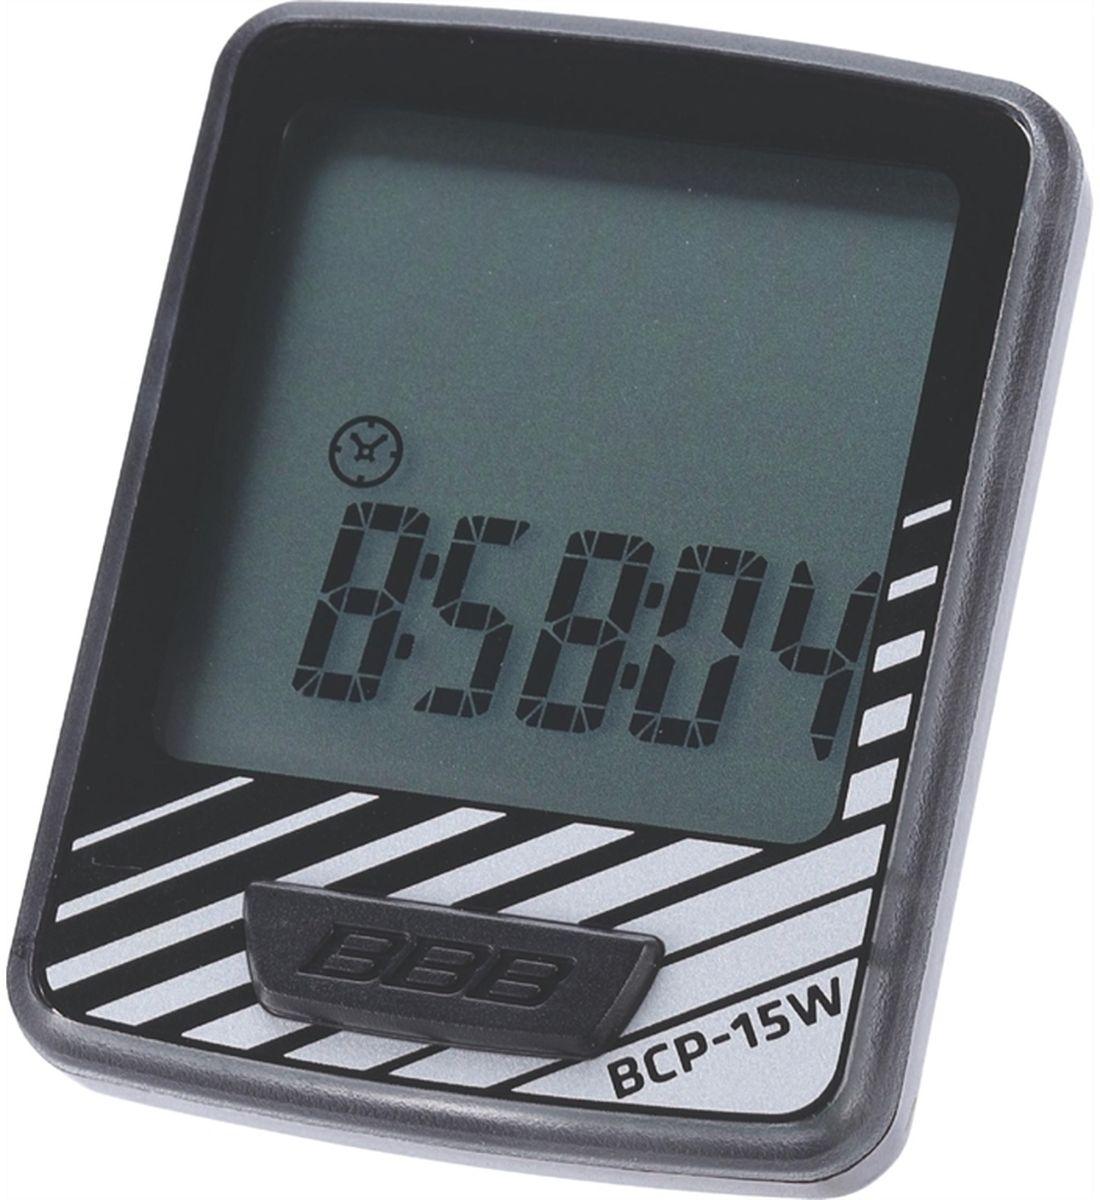 Велокомпьютер BBB DashBoard , цвет: черный, серебристый, 10 функцийBCP-15WВелокомпьютер BBB DashBoard стал, в своем роде, образцом для подражания. Появившись как простой и небольшой велокомпьютер с большим и легкочитаемым экраном, он эволюционировал в любимый прибор велосипедистов, которым нужна простая в использовании вещь без тысячи лишних функций. Общий размер велокомпьютера имеет небольшой размер за счет верхней части корпуса. Размер экрана 32 х 32 мм, позволяющие легко считывать информацию. Управление одной кнопкой.Функции:Текущая скоростьРасстояние поездкиОдометрЧасыАвтоматический переход функцийСредняя скоростьМаксимальная скоростьВремя поездкиАвто старт/стопИндикатор низкого заряда батареи.Особенности:Легко читаемый полноразмерный дисплей.Удобное управление с помощью одной кнопки.Компьютер может быть установлен на руле и выносе.Водонепроницаемый корпус.Батарейка в комплекте.